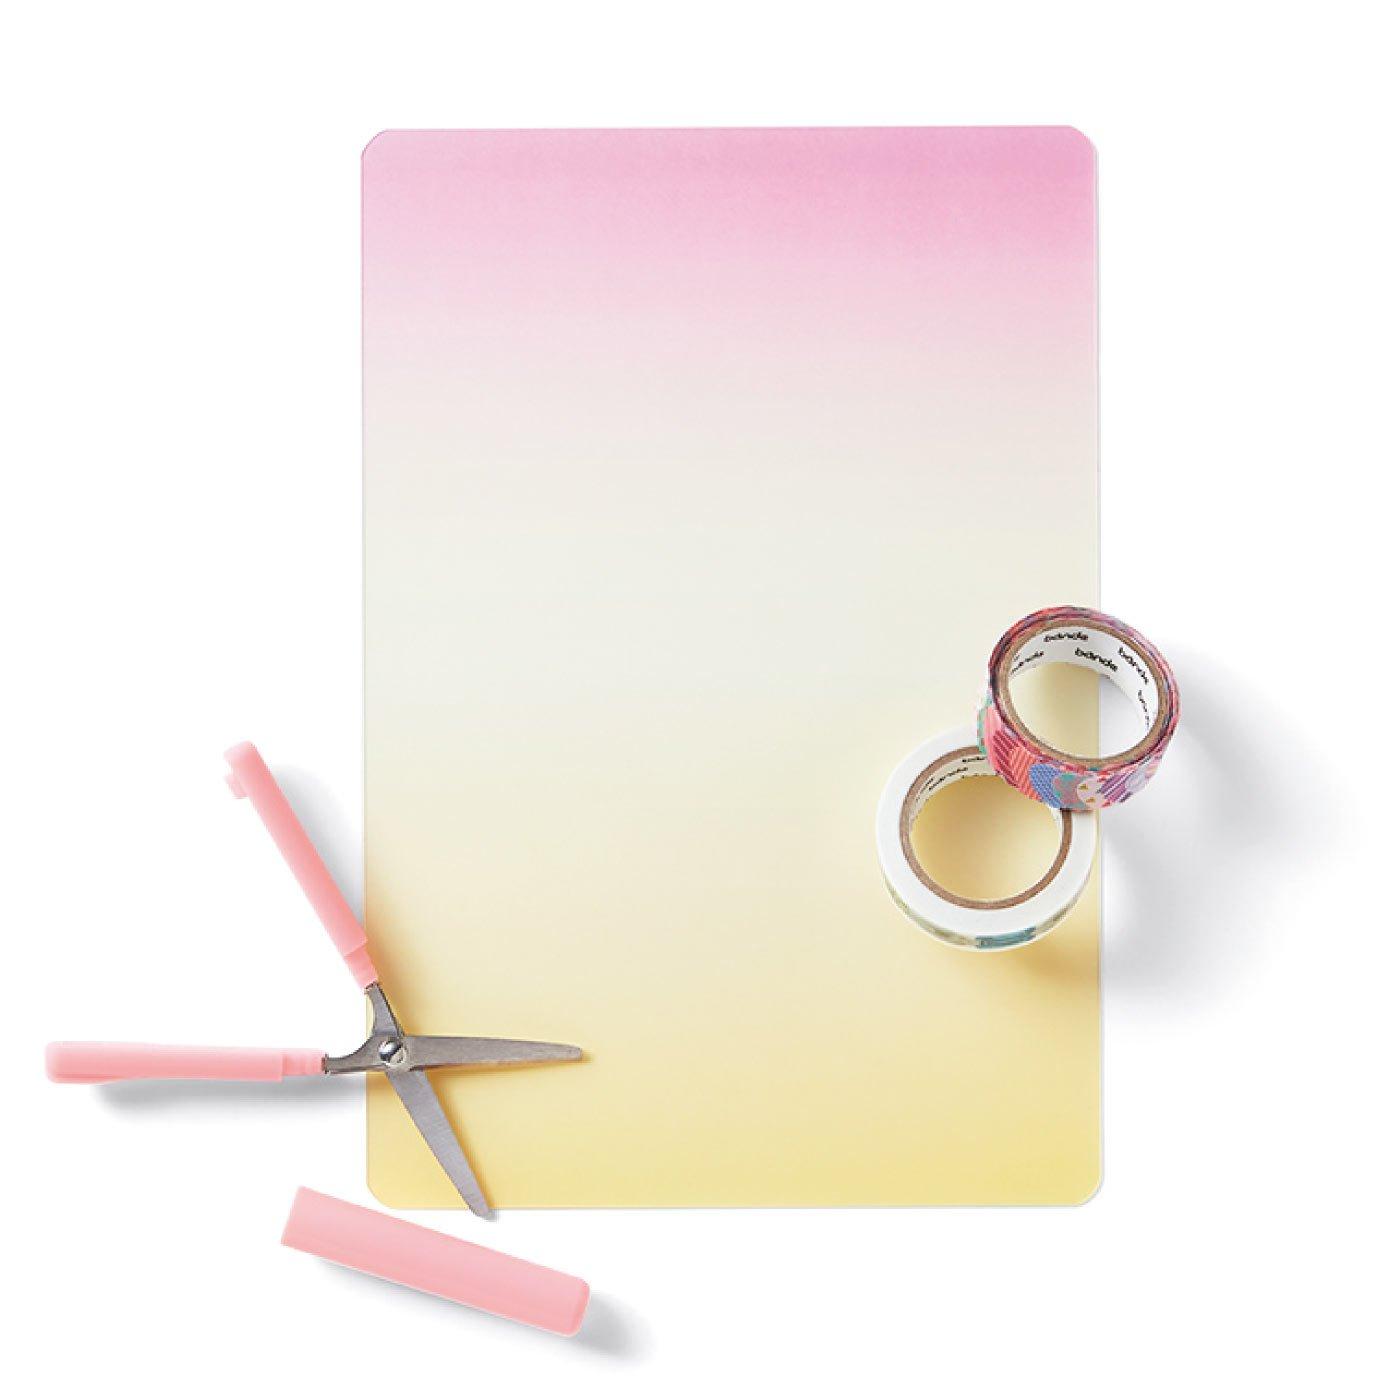 手帳プランナーmiyuさんセレクト 使える!かわいい手帳デコセット